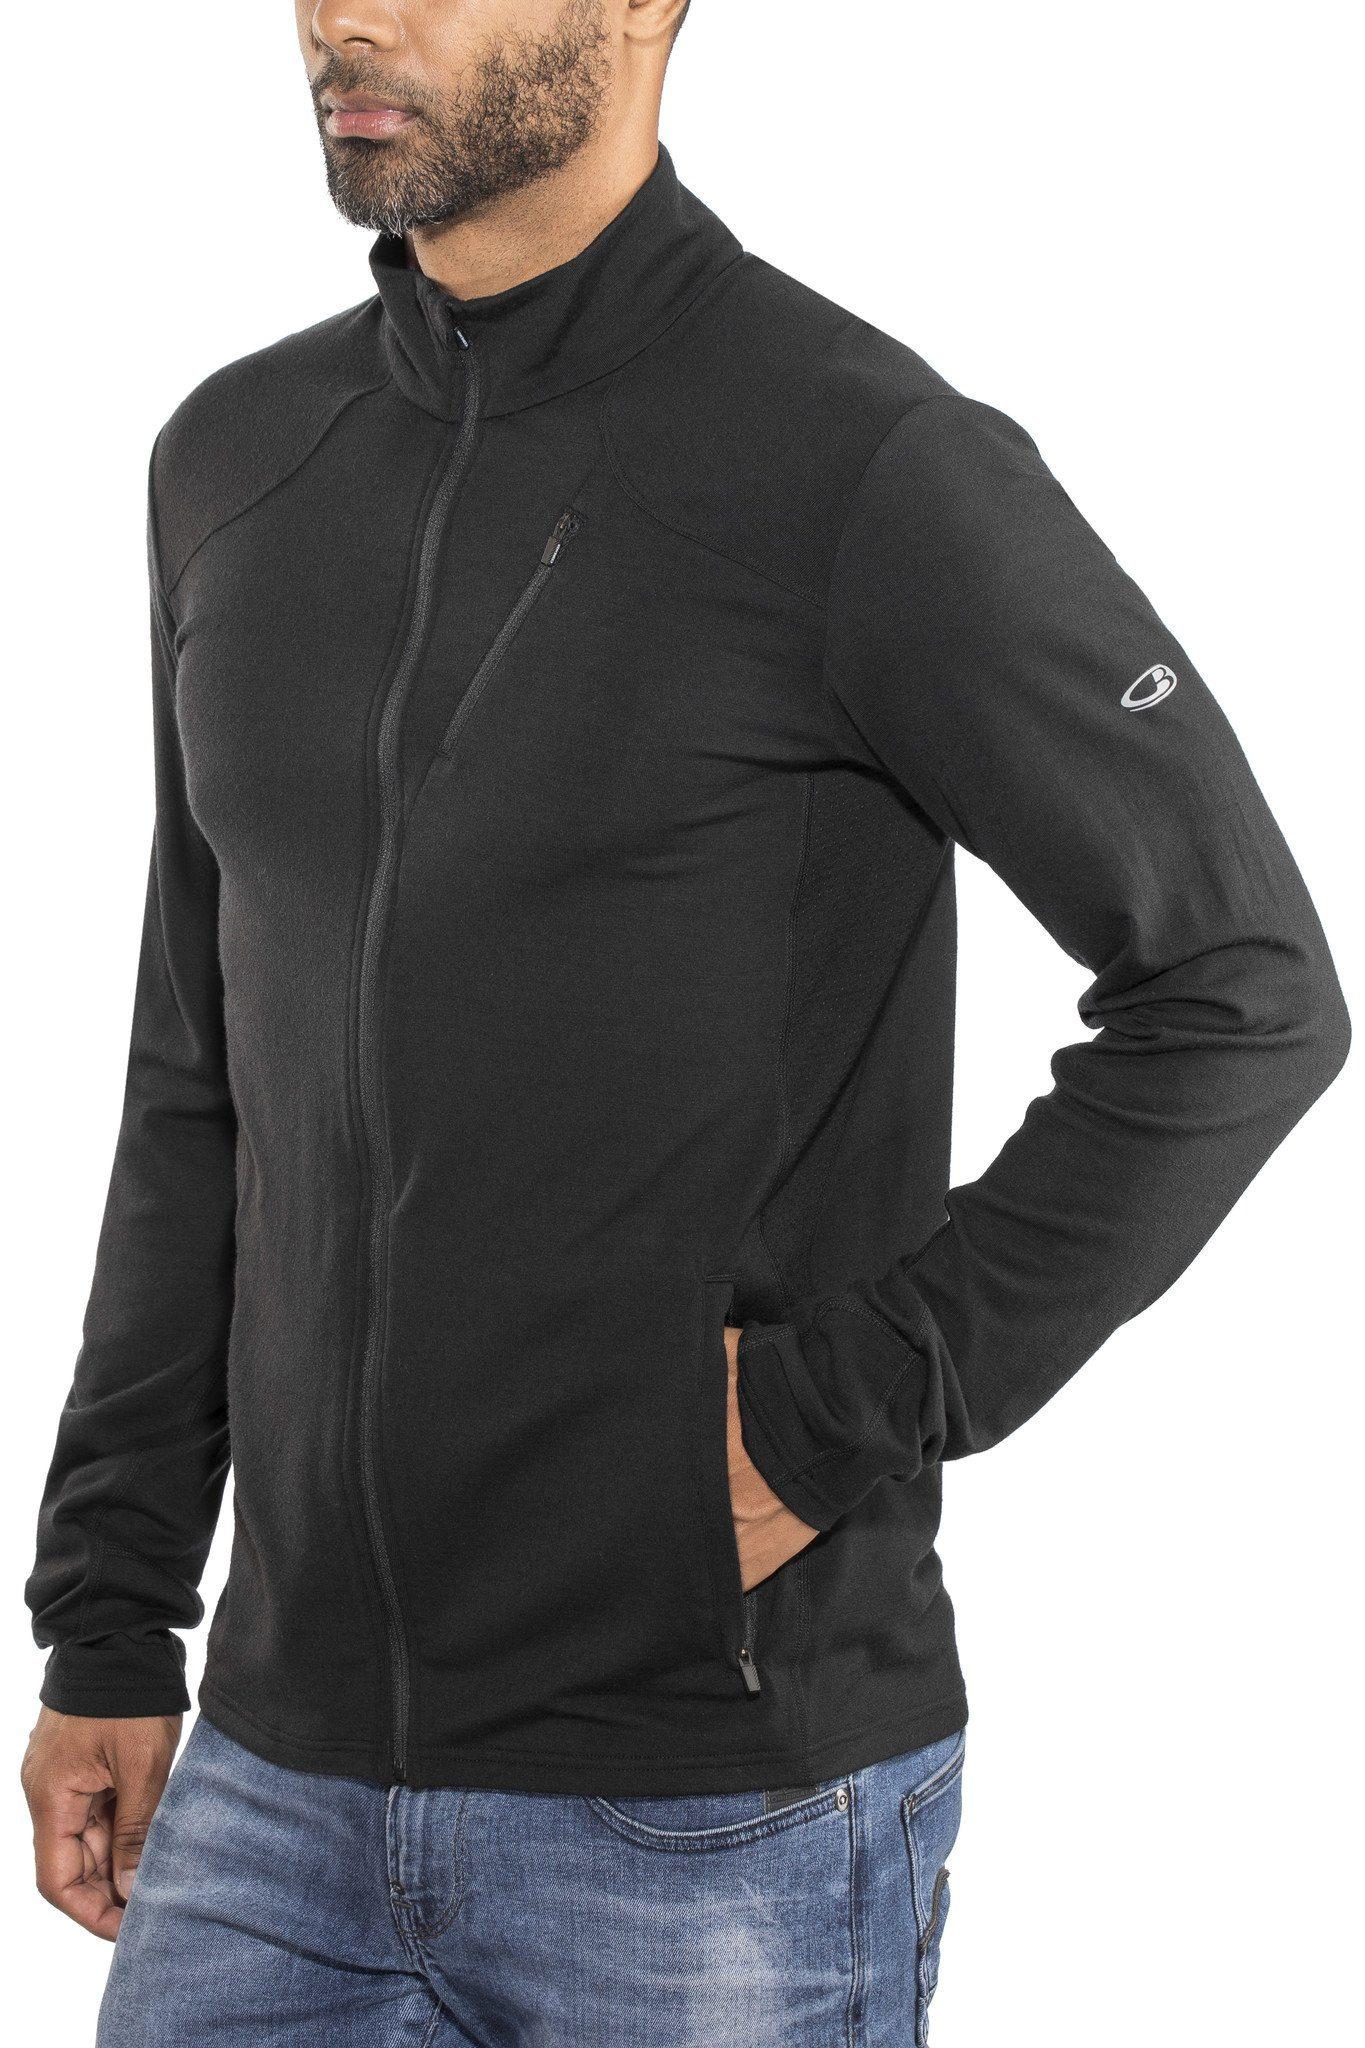 Icebreaker Outdoorjacke »Fluid Zone LS Zip Shirt Men«, Modelljahr 2019 online kaufen | OTTO